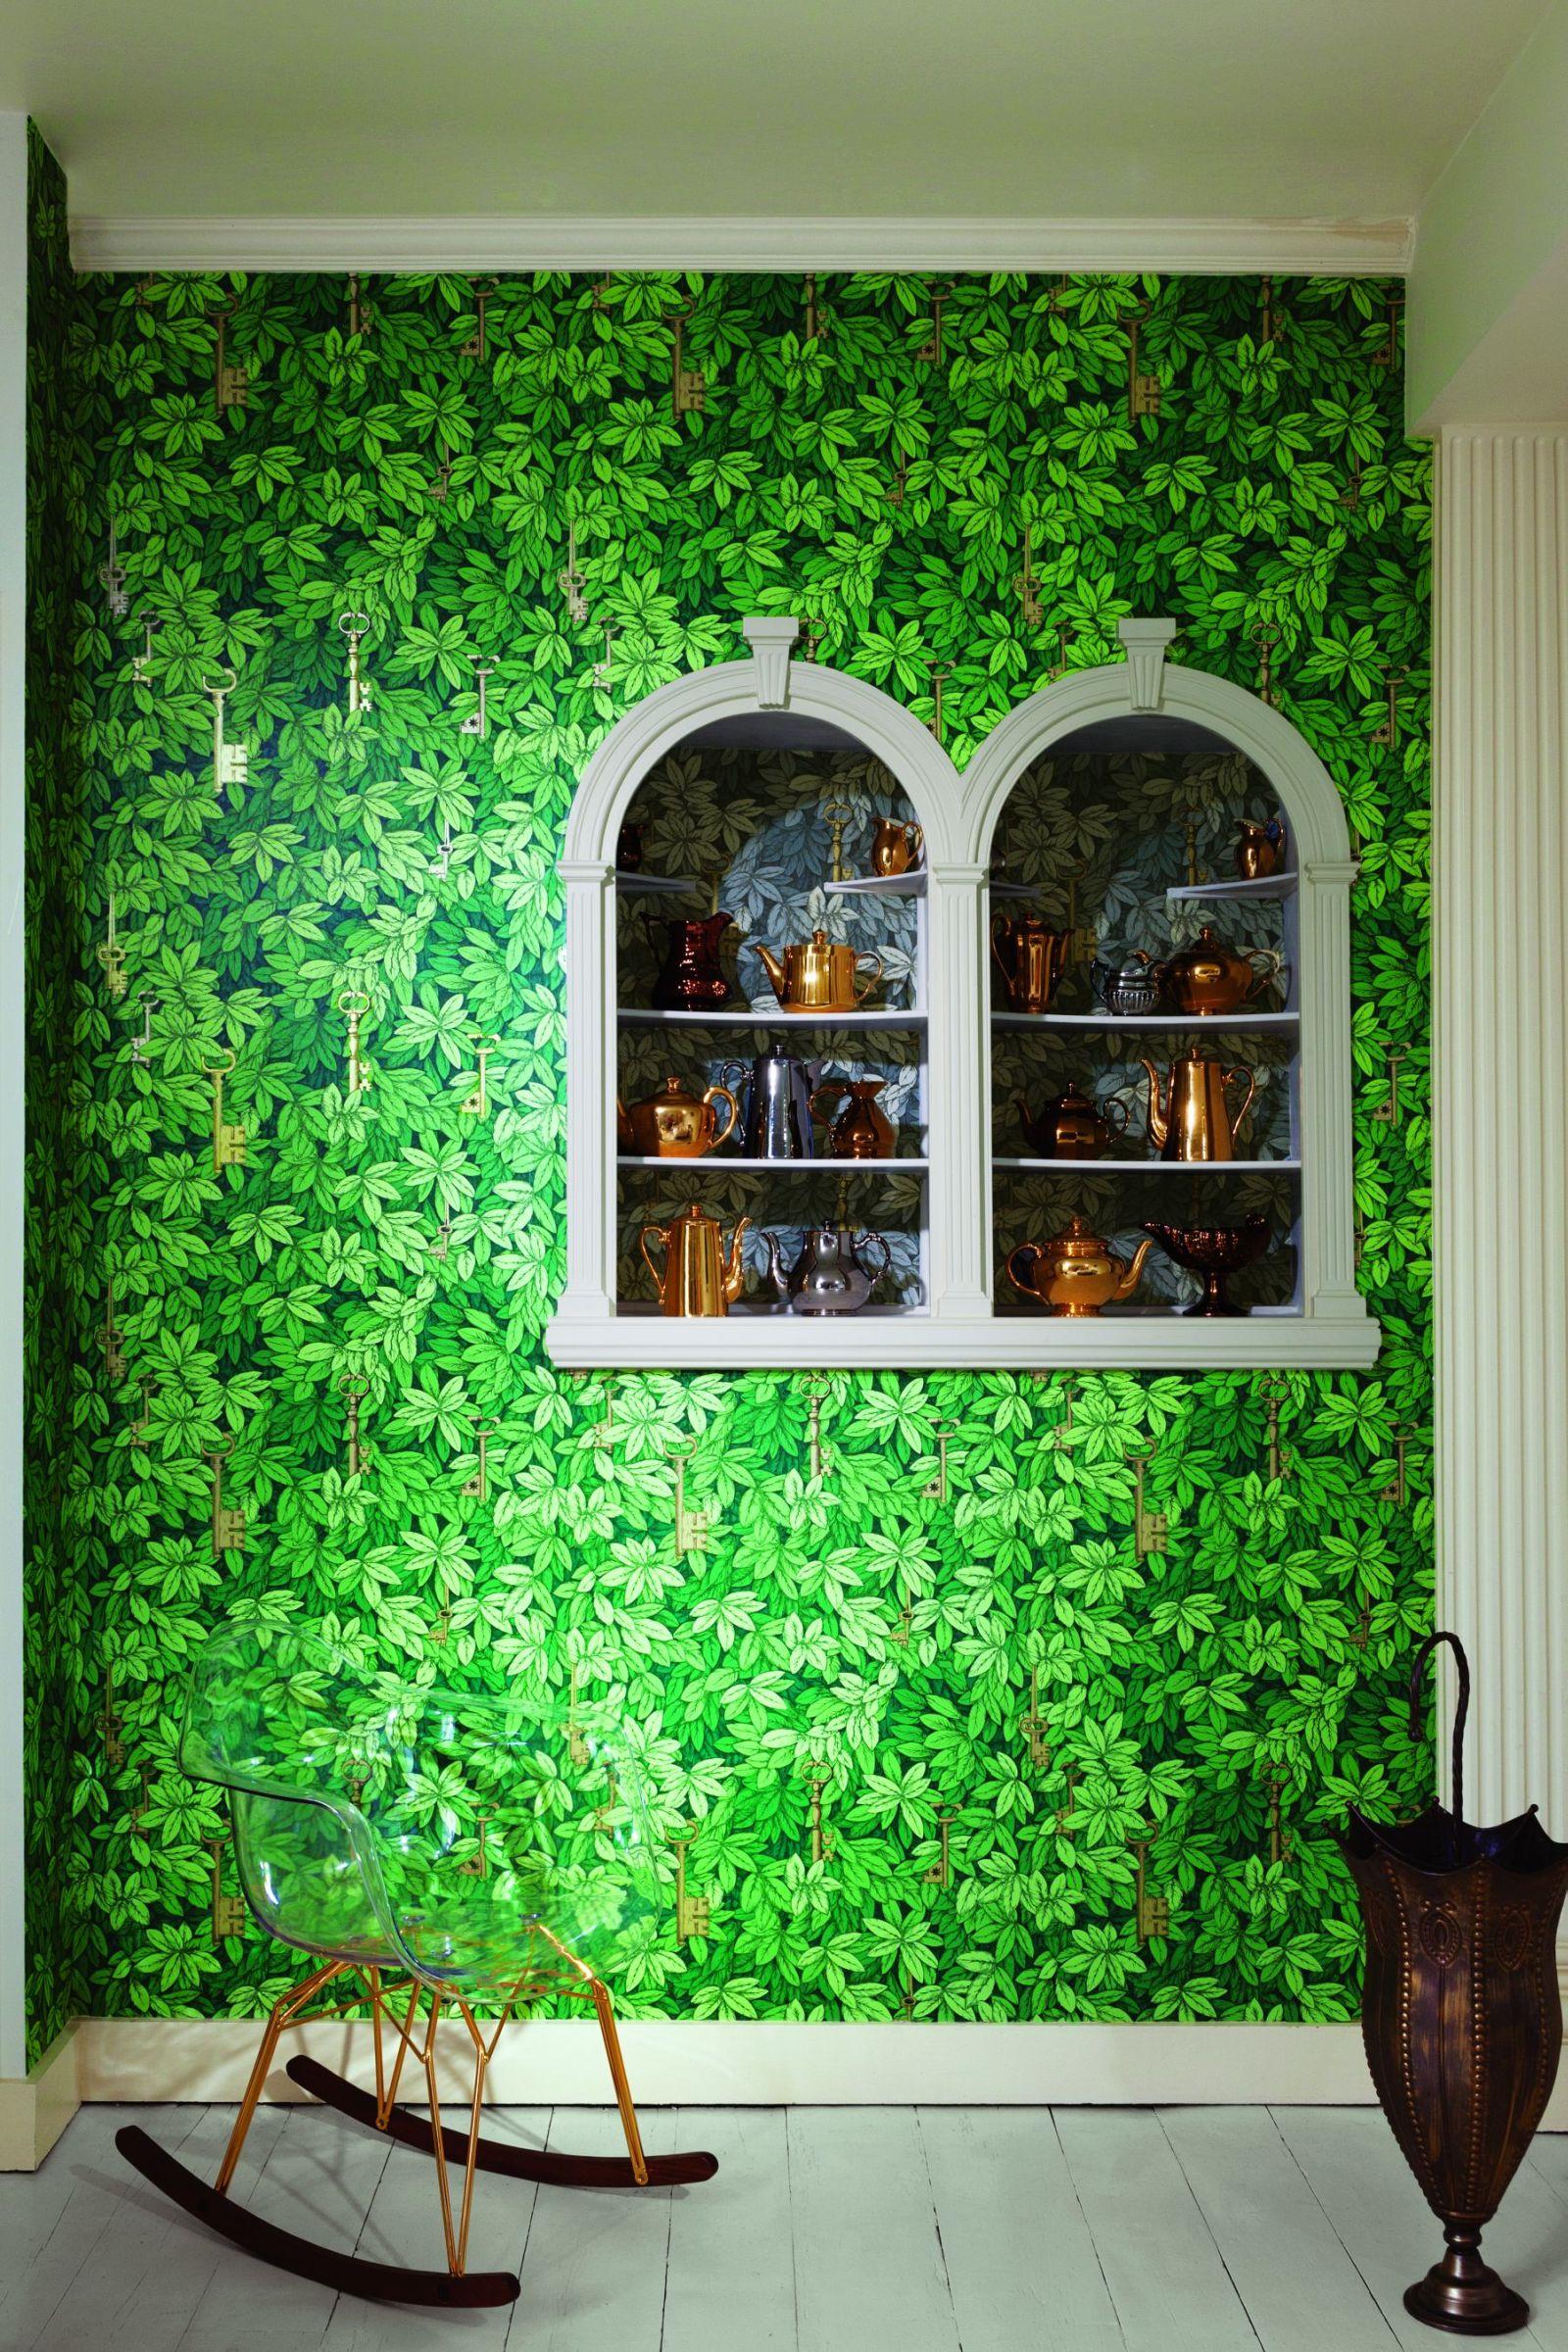 [50+] Cole Son Wallpaper USA on WallpaperSafari